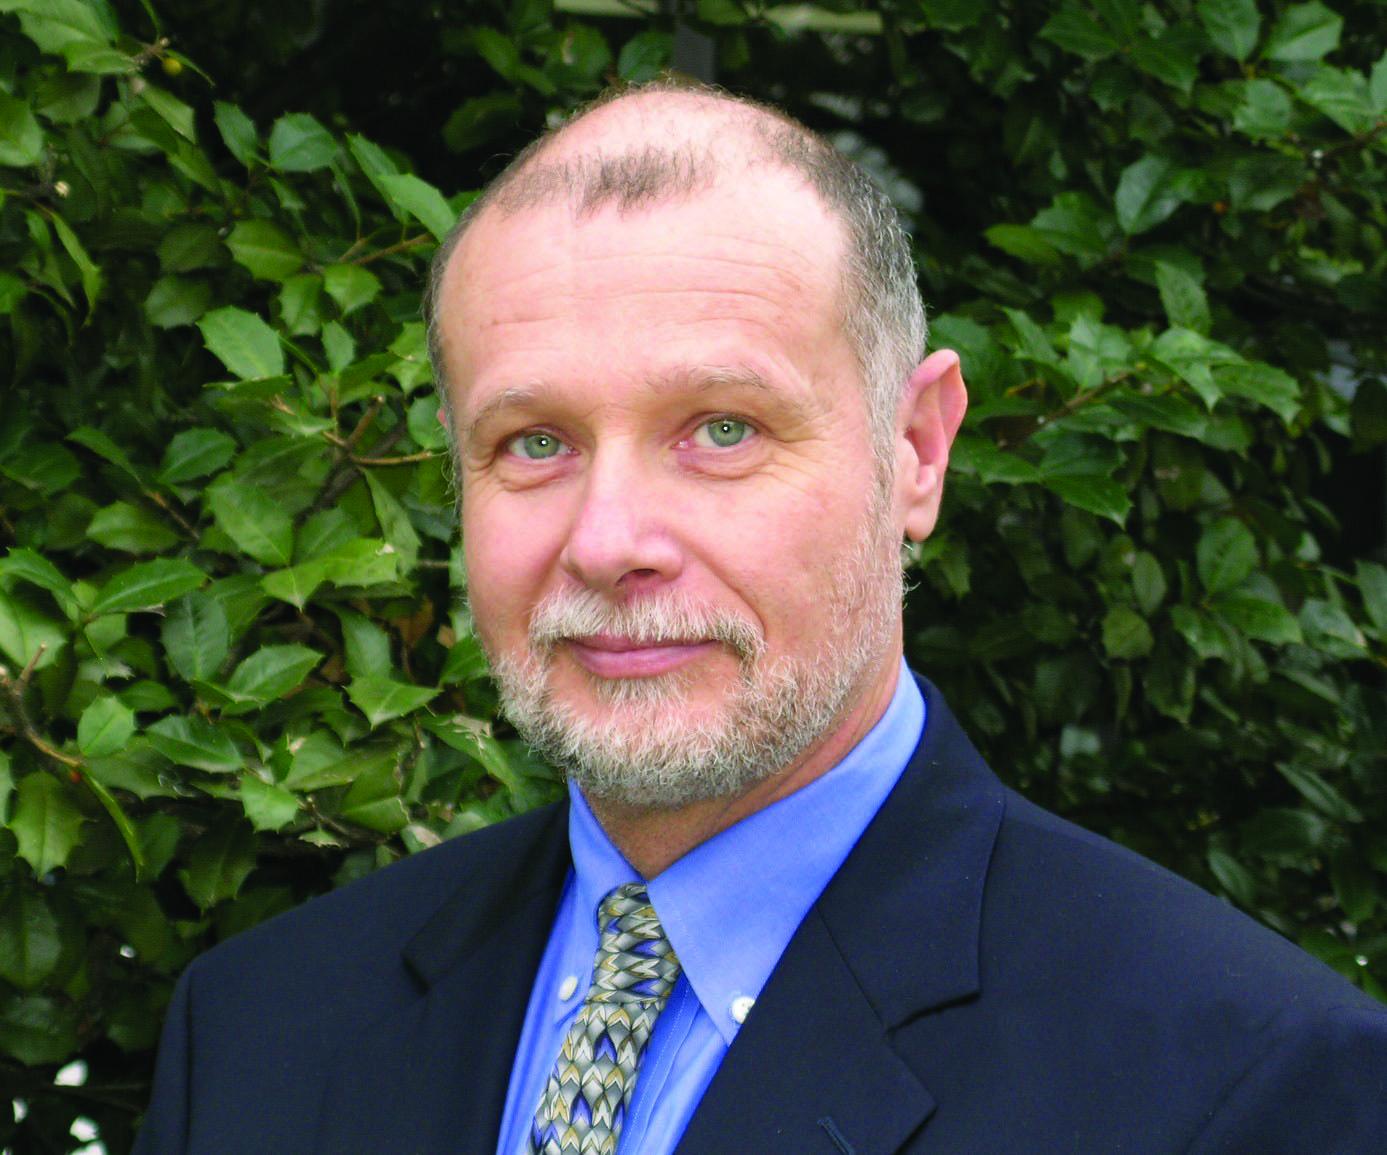 Paul Natishan